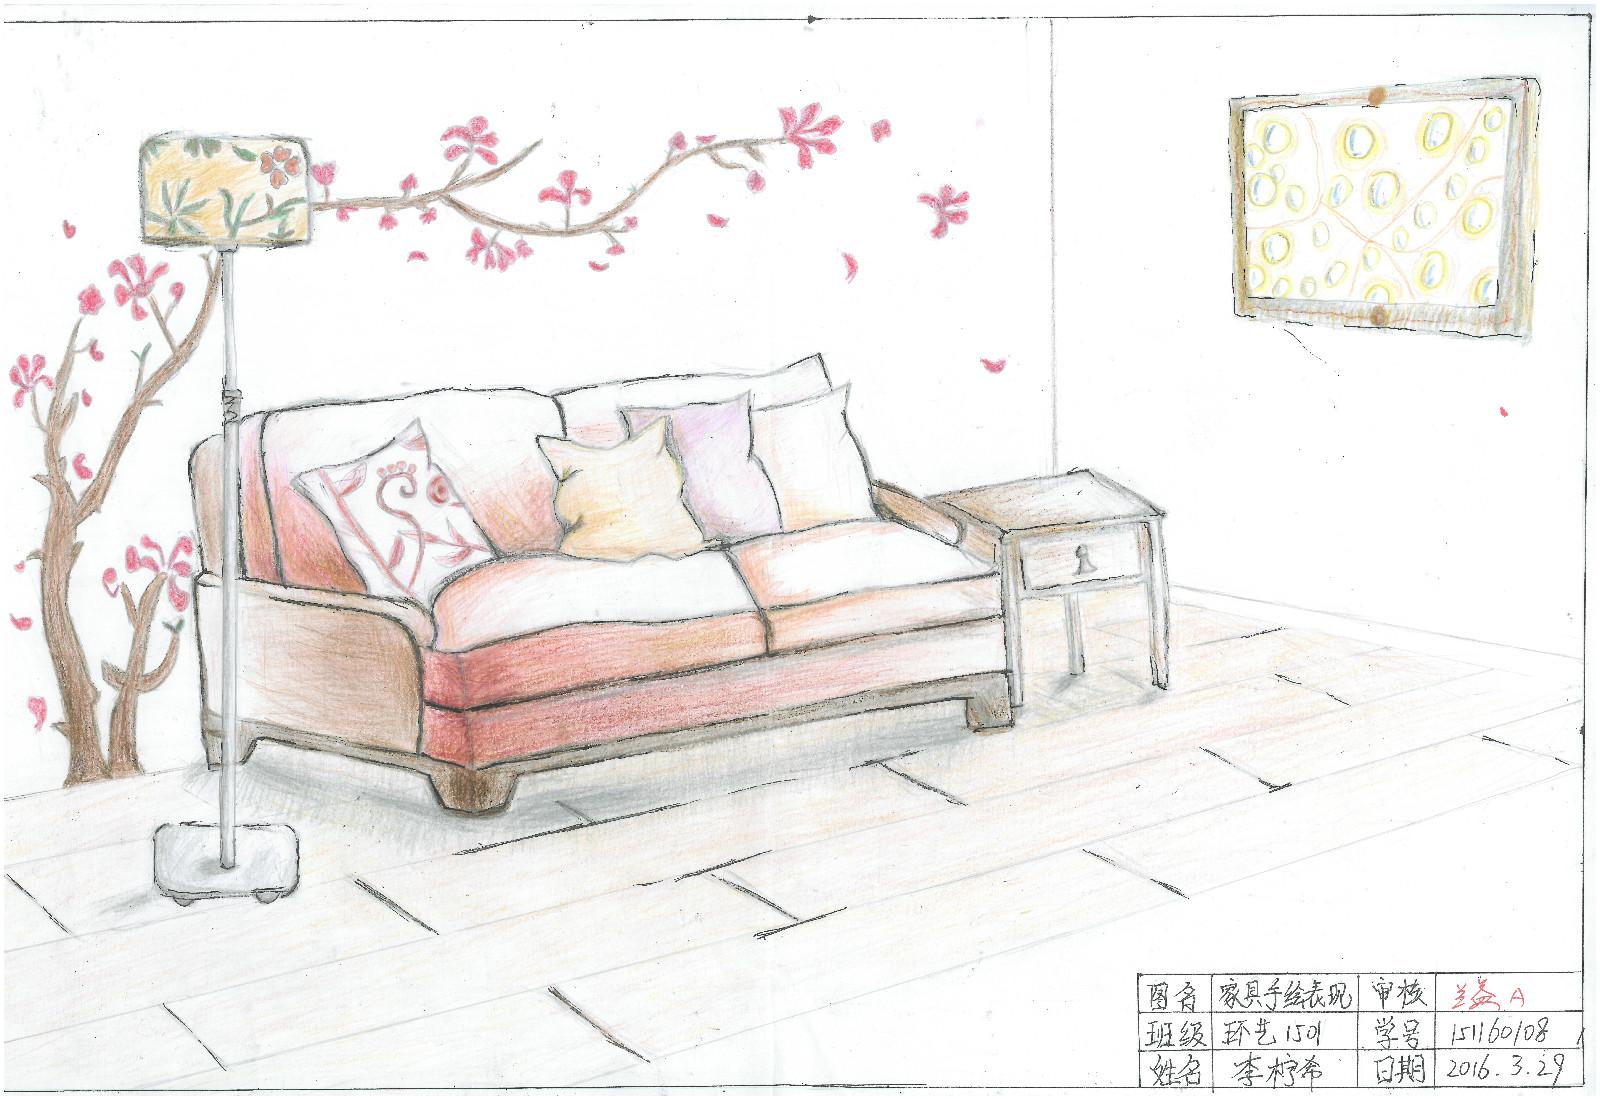 产品马克笔手绘图片马克笔手  植物单体马克笔手绘内容|植物单体马克